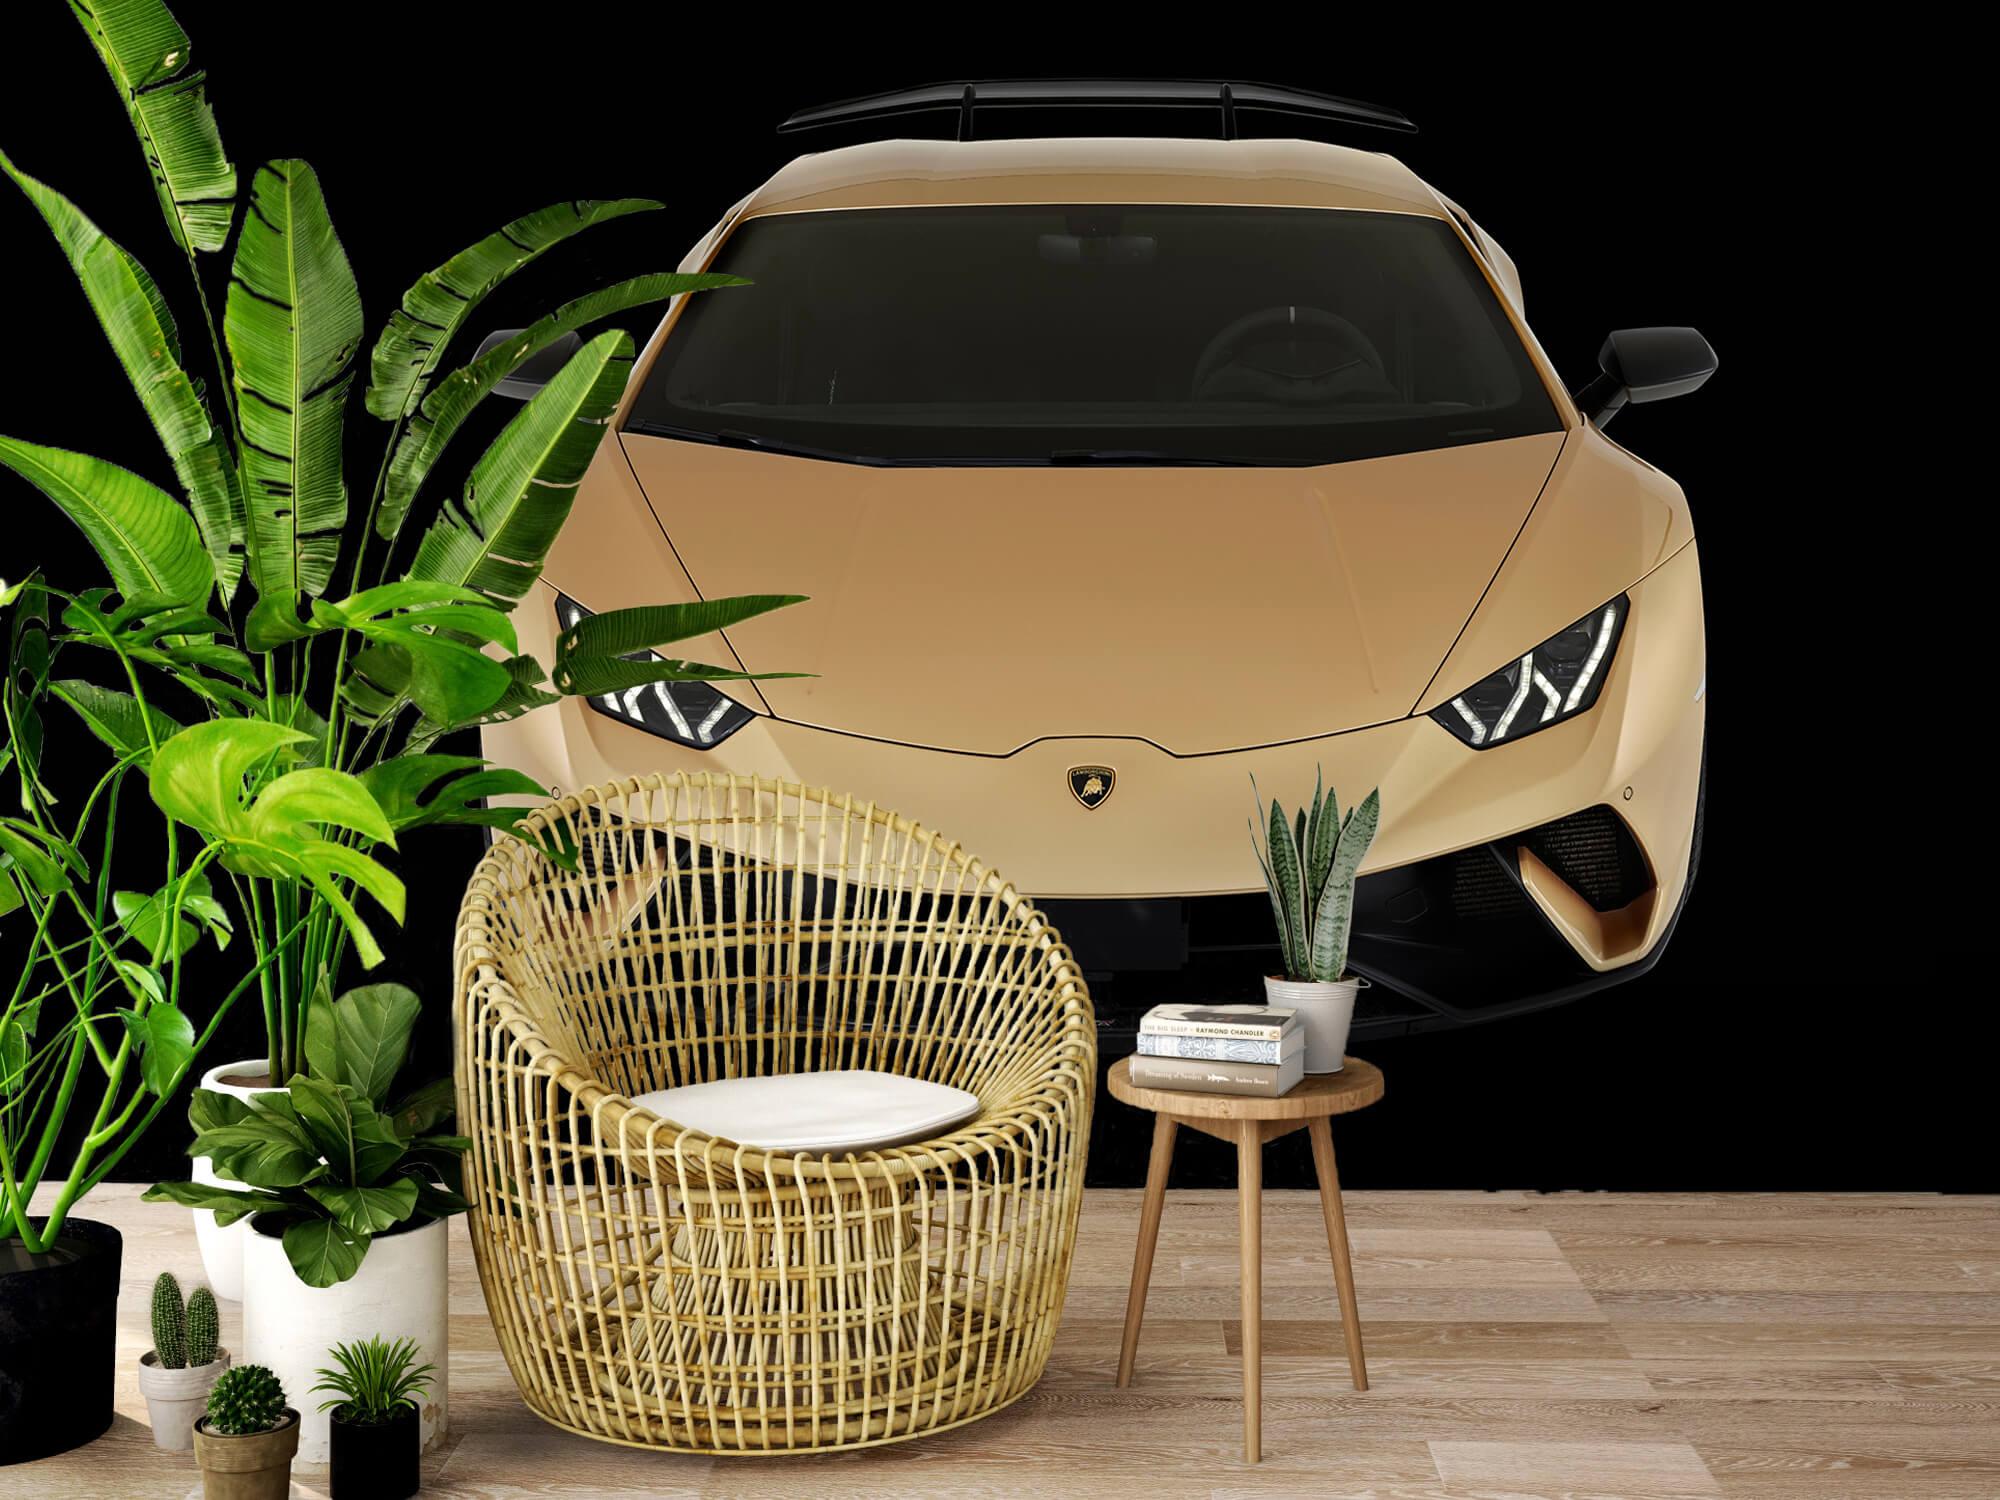 Wallpaper Lamborghini Huracán - Voorkant vanaf boven, zwart 5